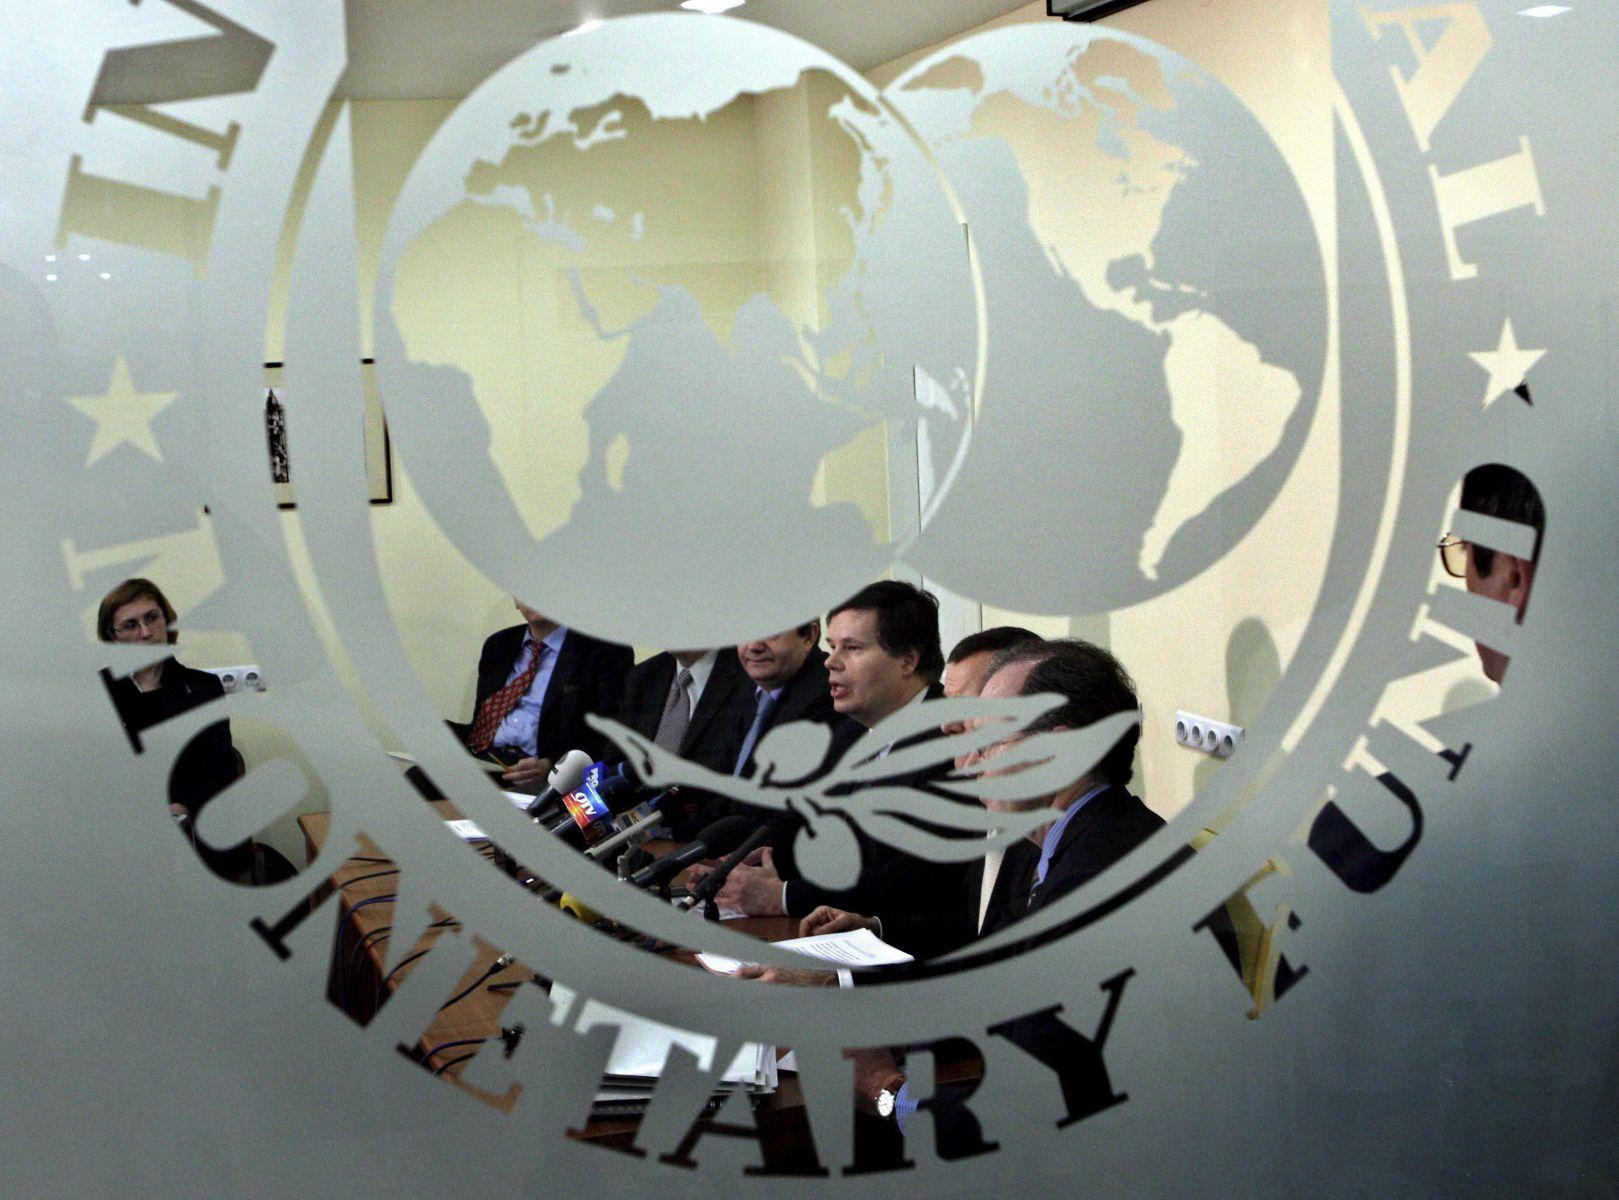 МВФ изменил свое мнение по прогнозу роста мирового ВВП